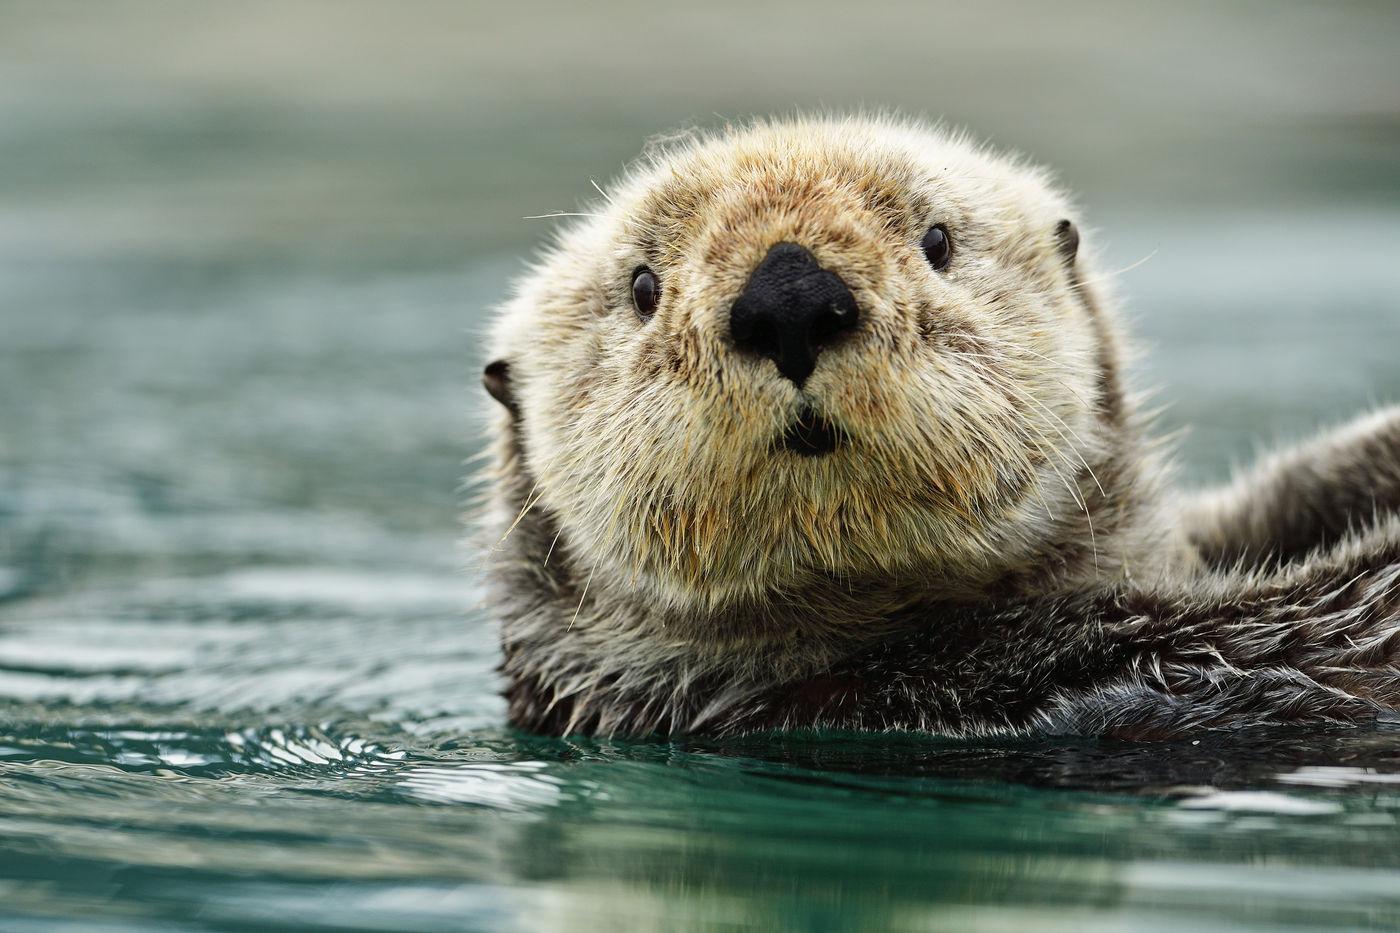 Een zeeotter kijkt ons verbaasd aan. © Yves Adams